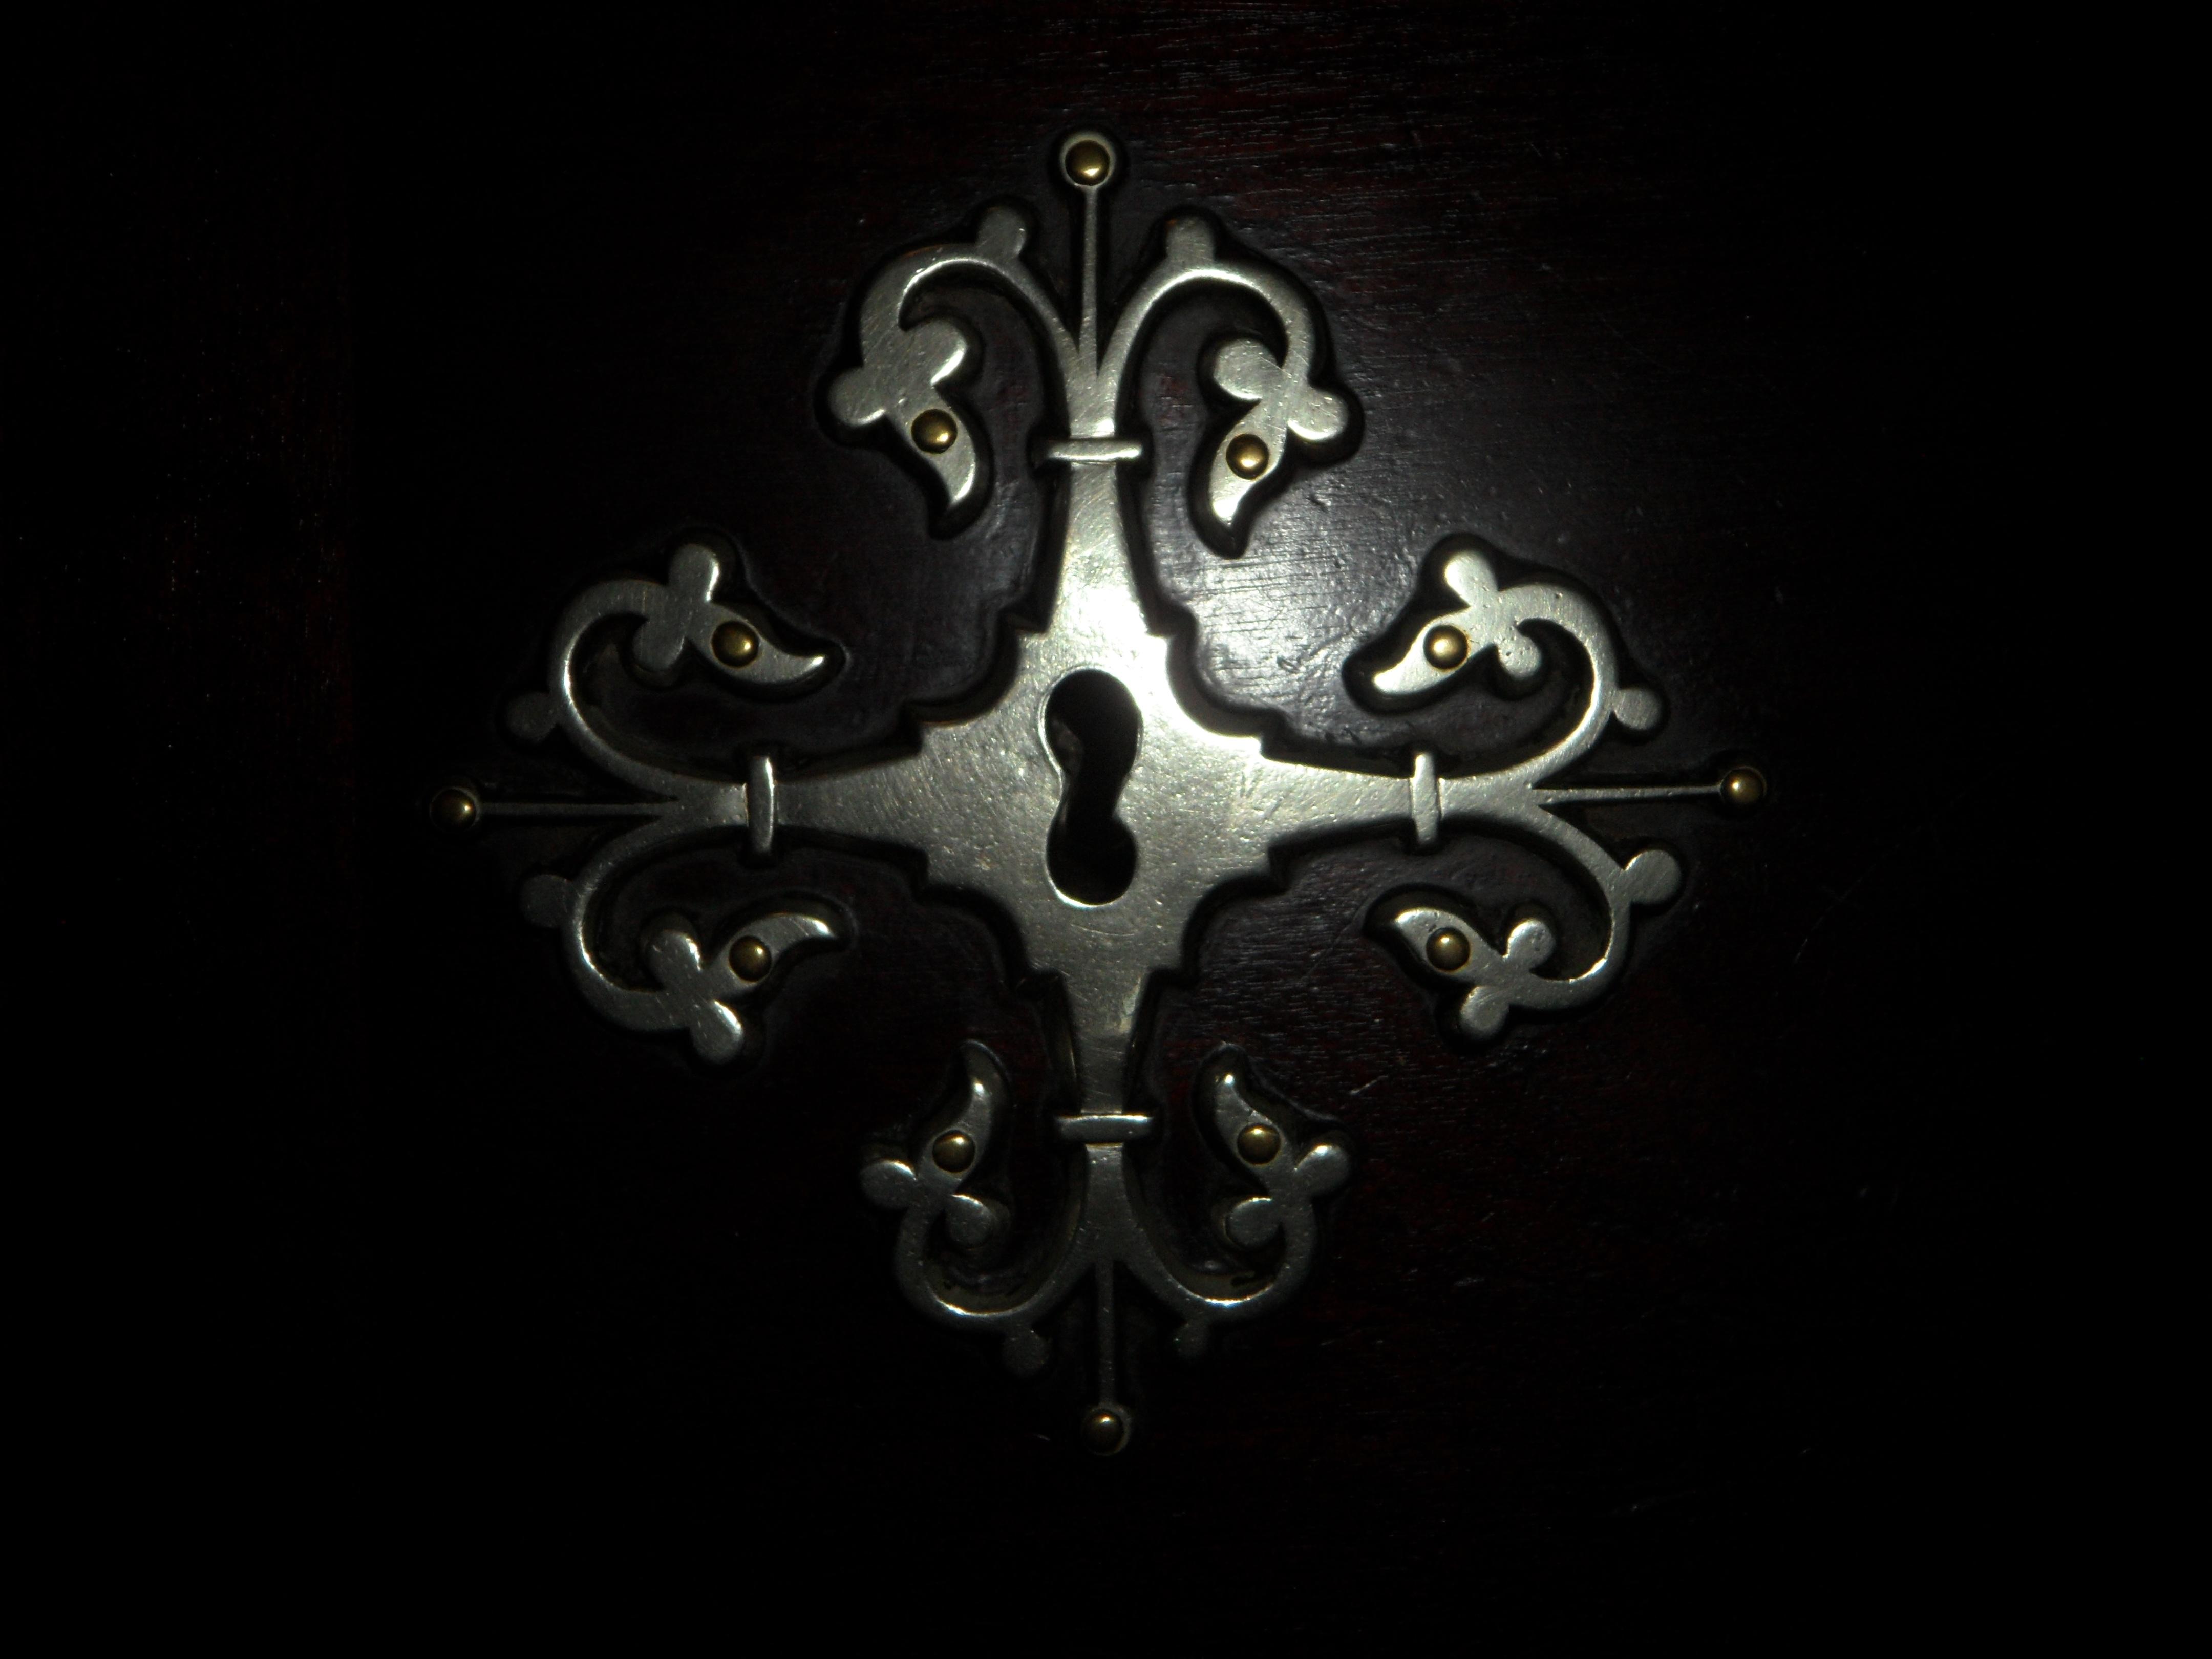 free images : old, symbol, metal, castle, darkness, lighting